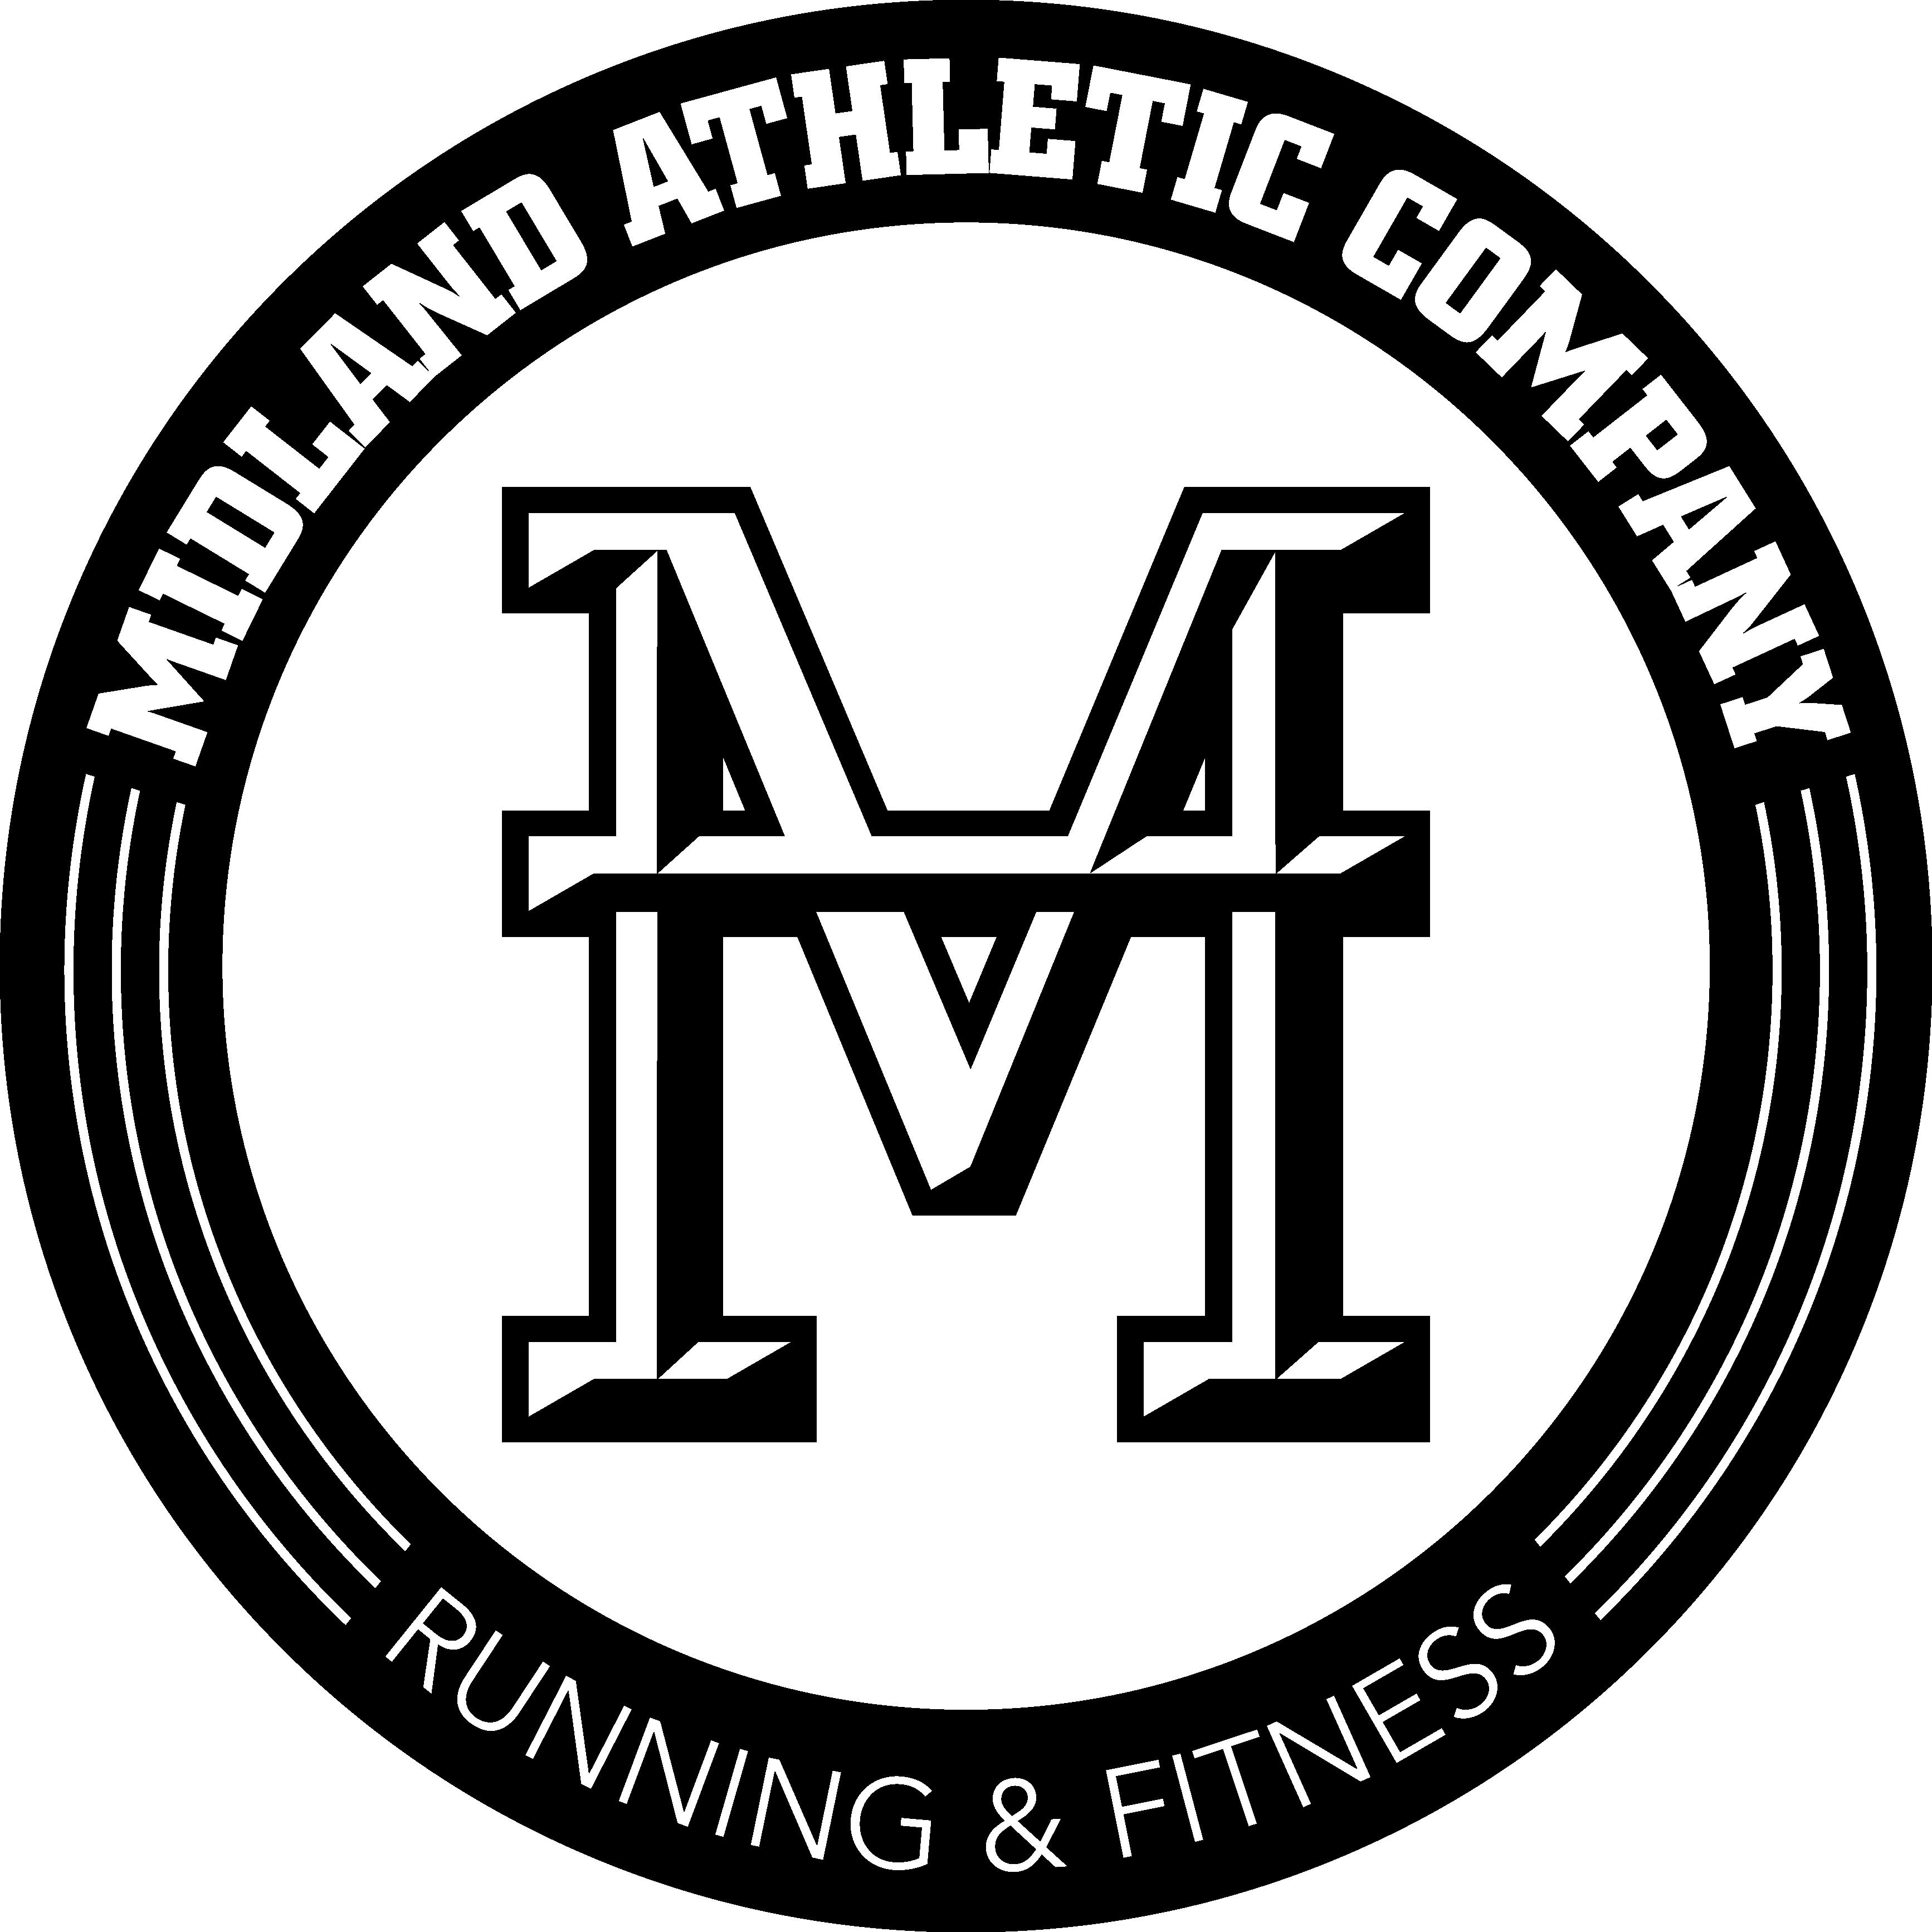 Af7ffc25-5123-409e-b1af-f48fe83bf40e